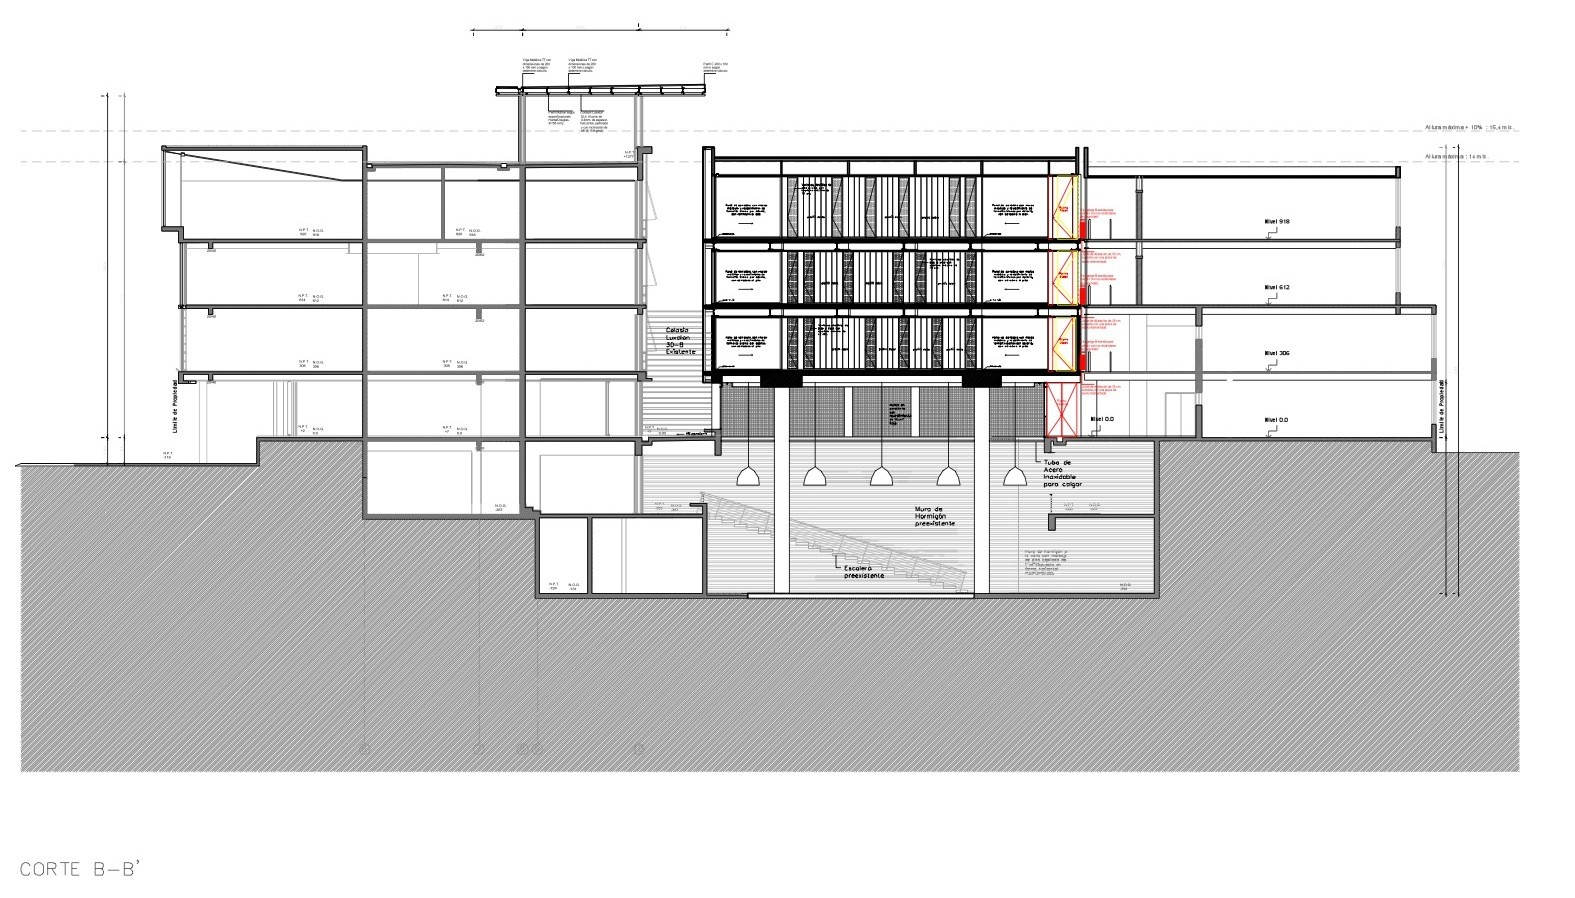 Galer a de ampliaci n facultad de arquitectura arte y Arte arquitectura y diseno definicion